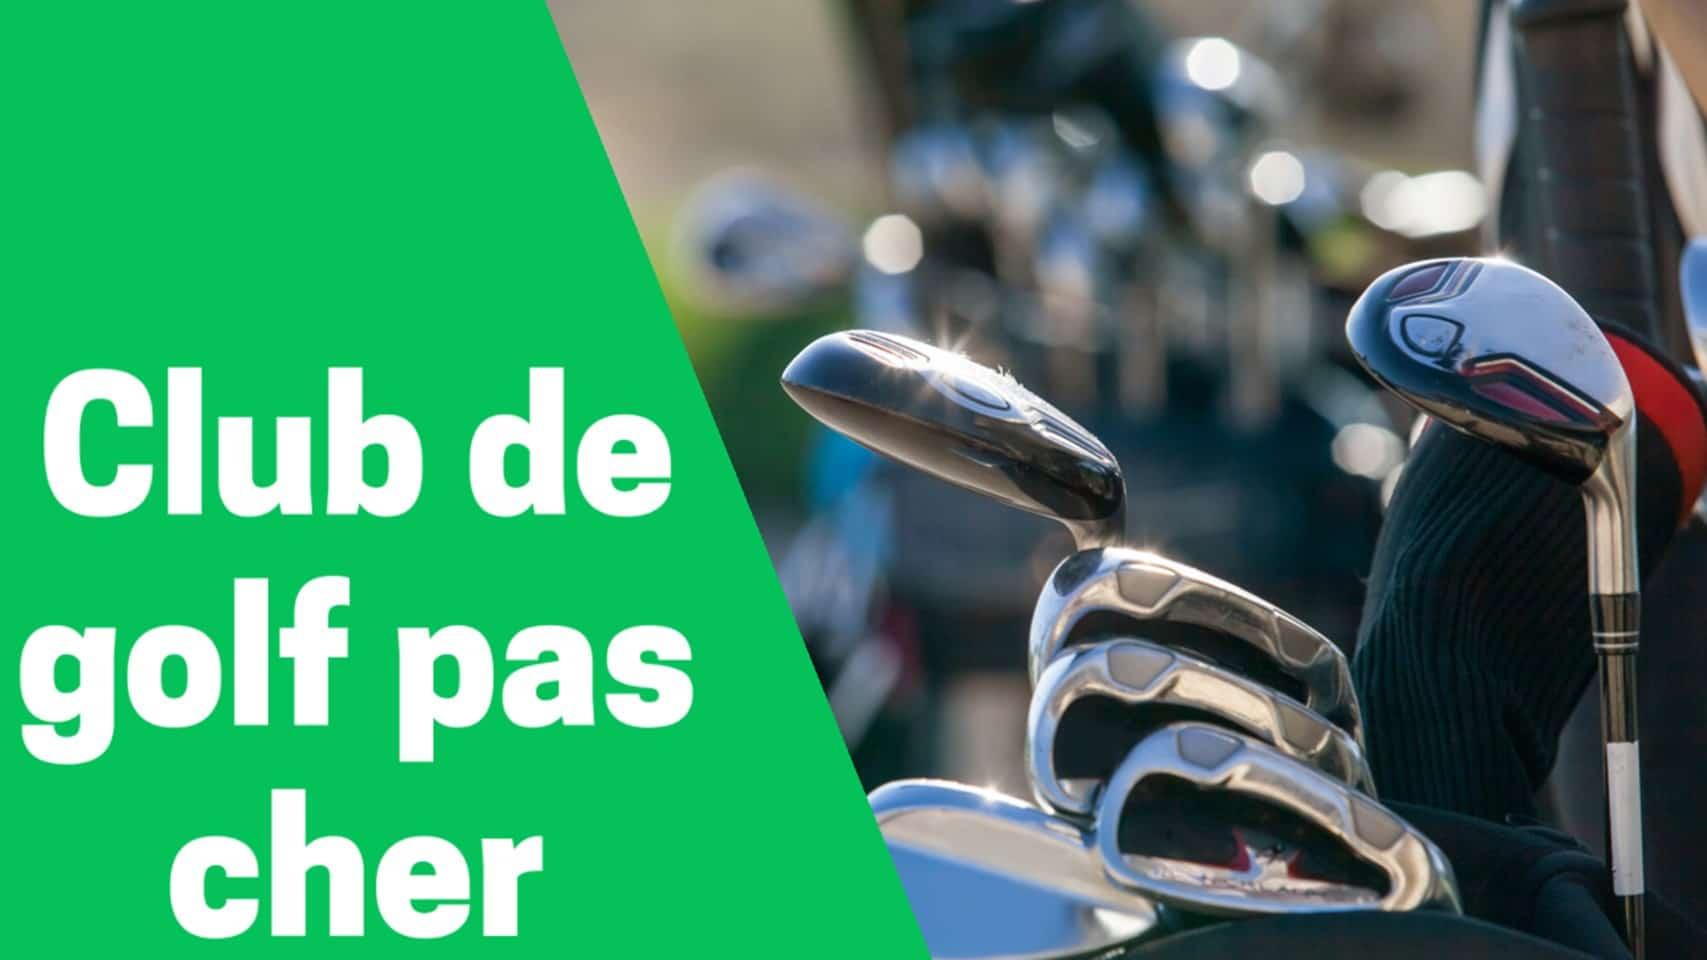 Meilleur club de golf pas cher comparatif avis test guide achat